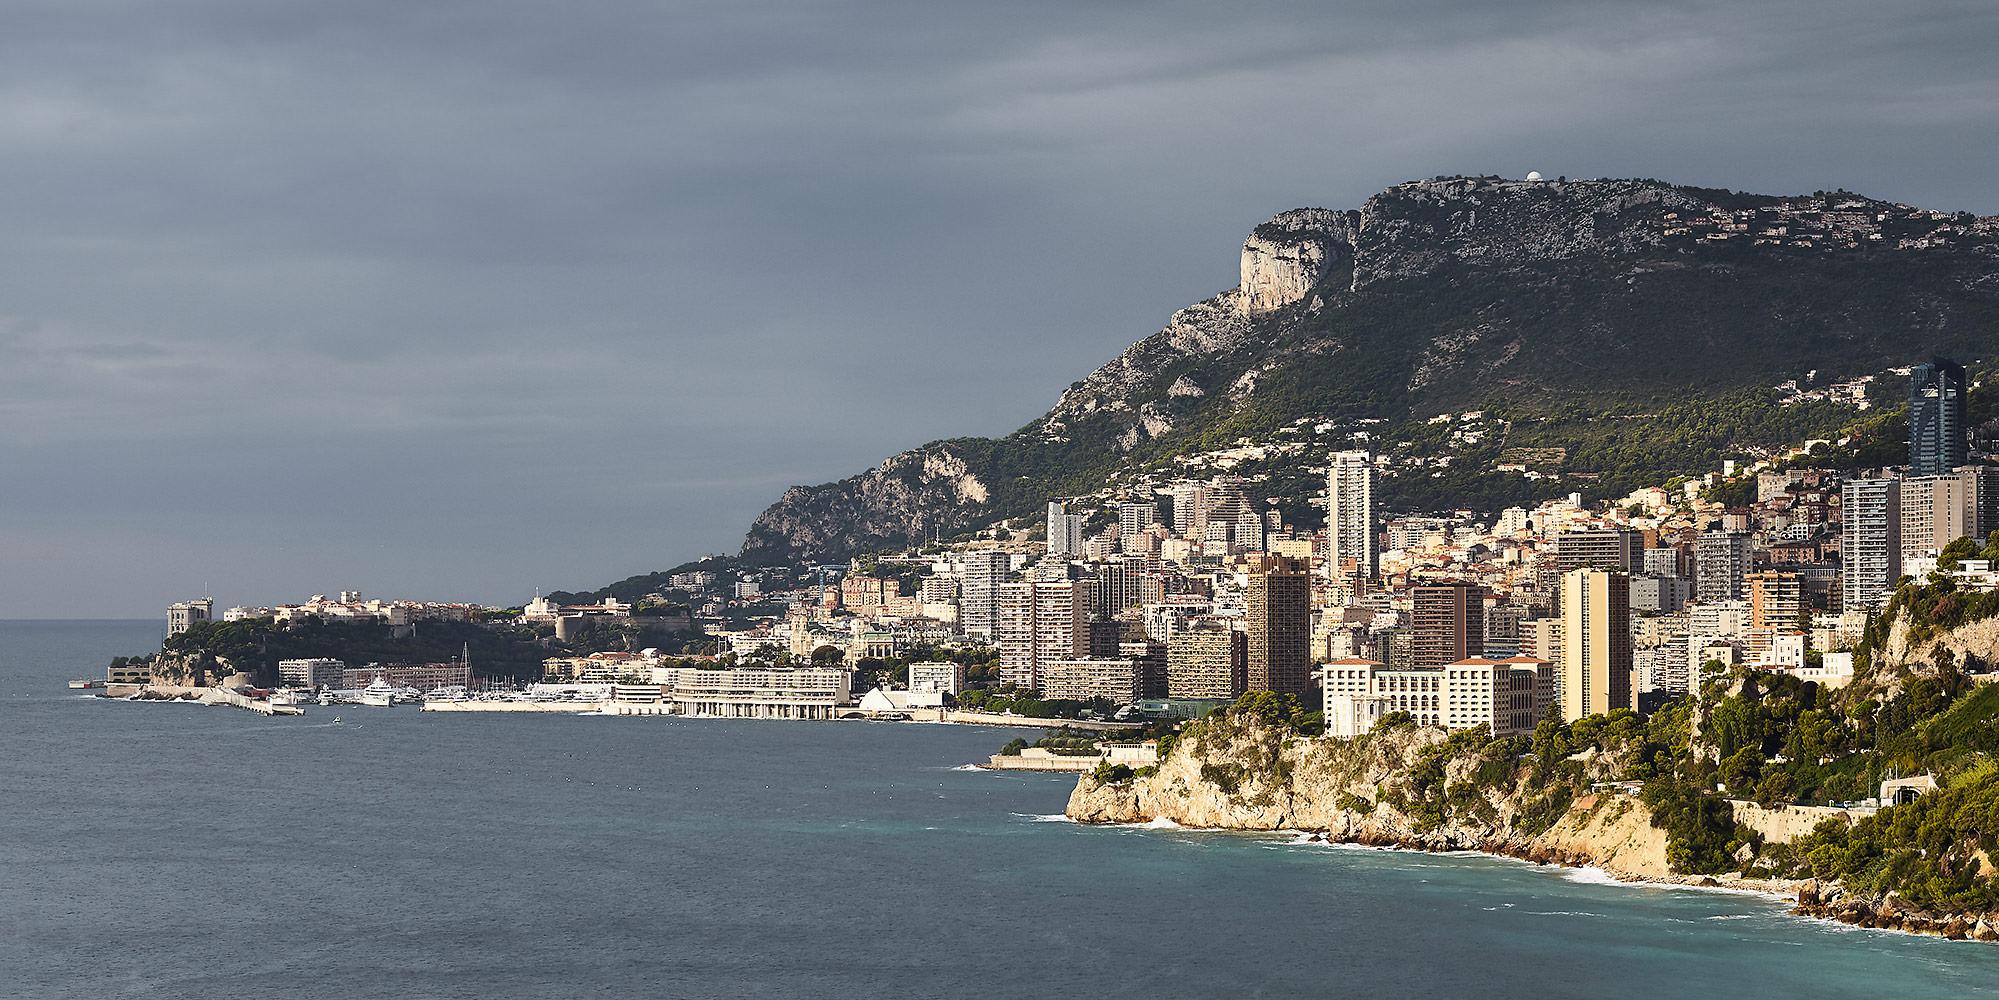 Architekturfotograf Monaco, Port Hercule, Monte-Carlo, Monaco